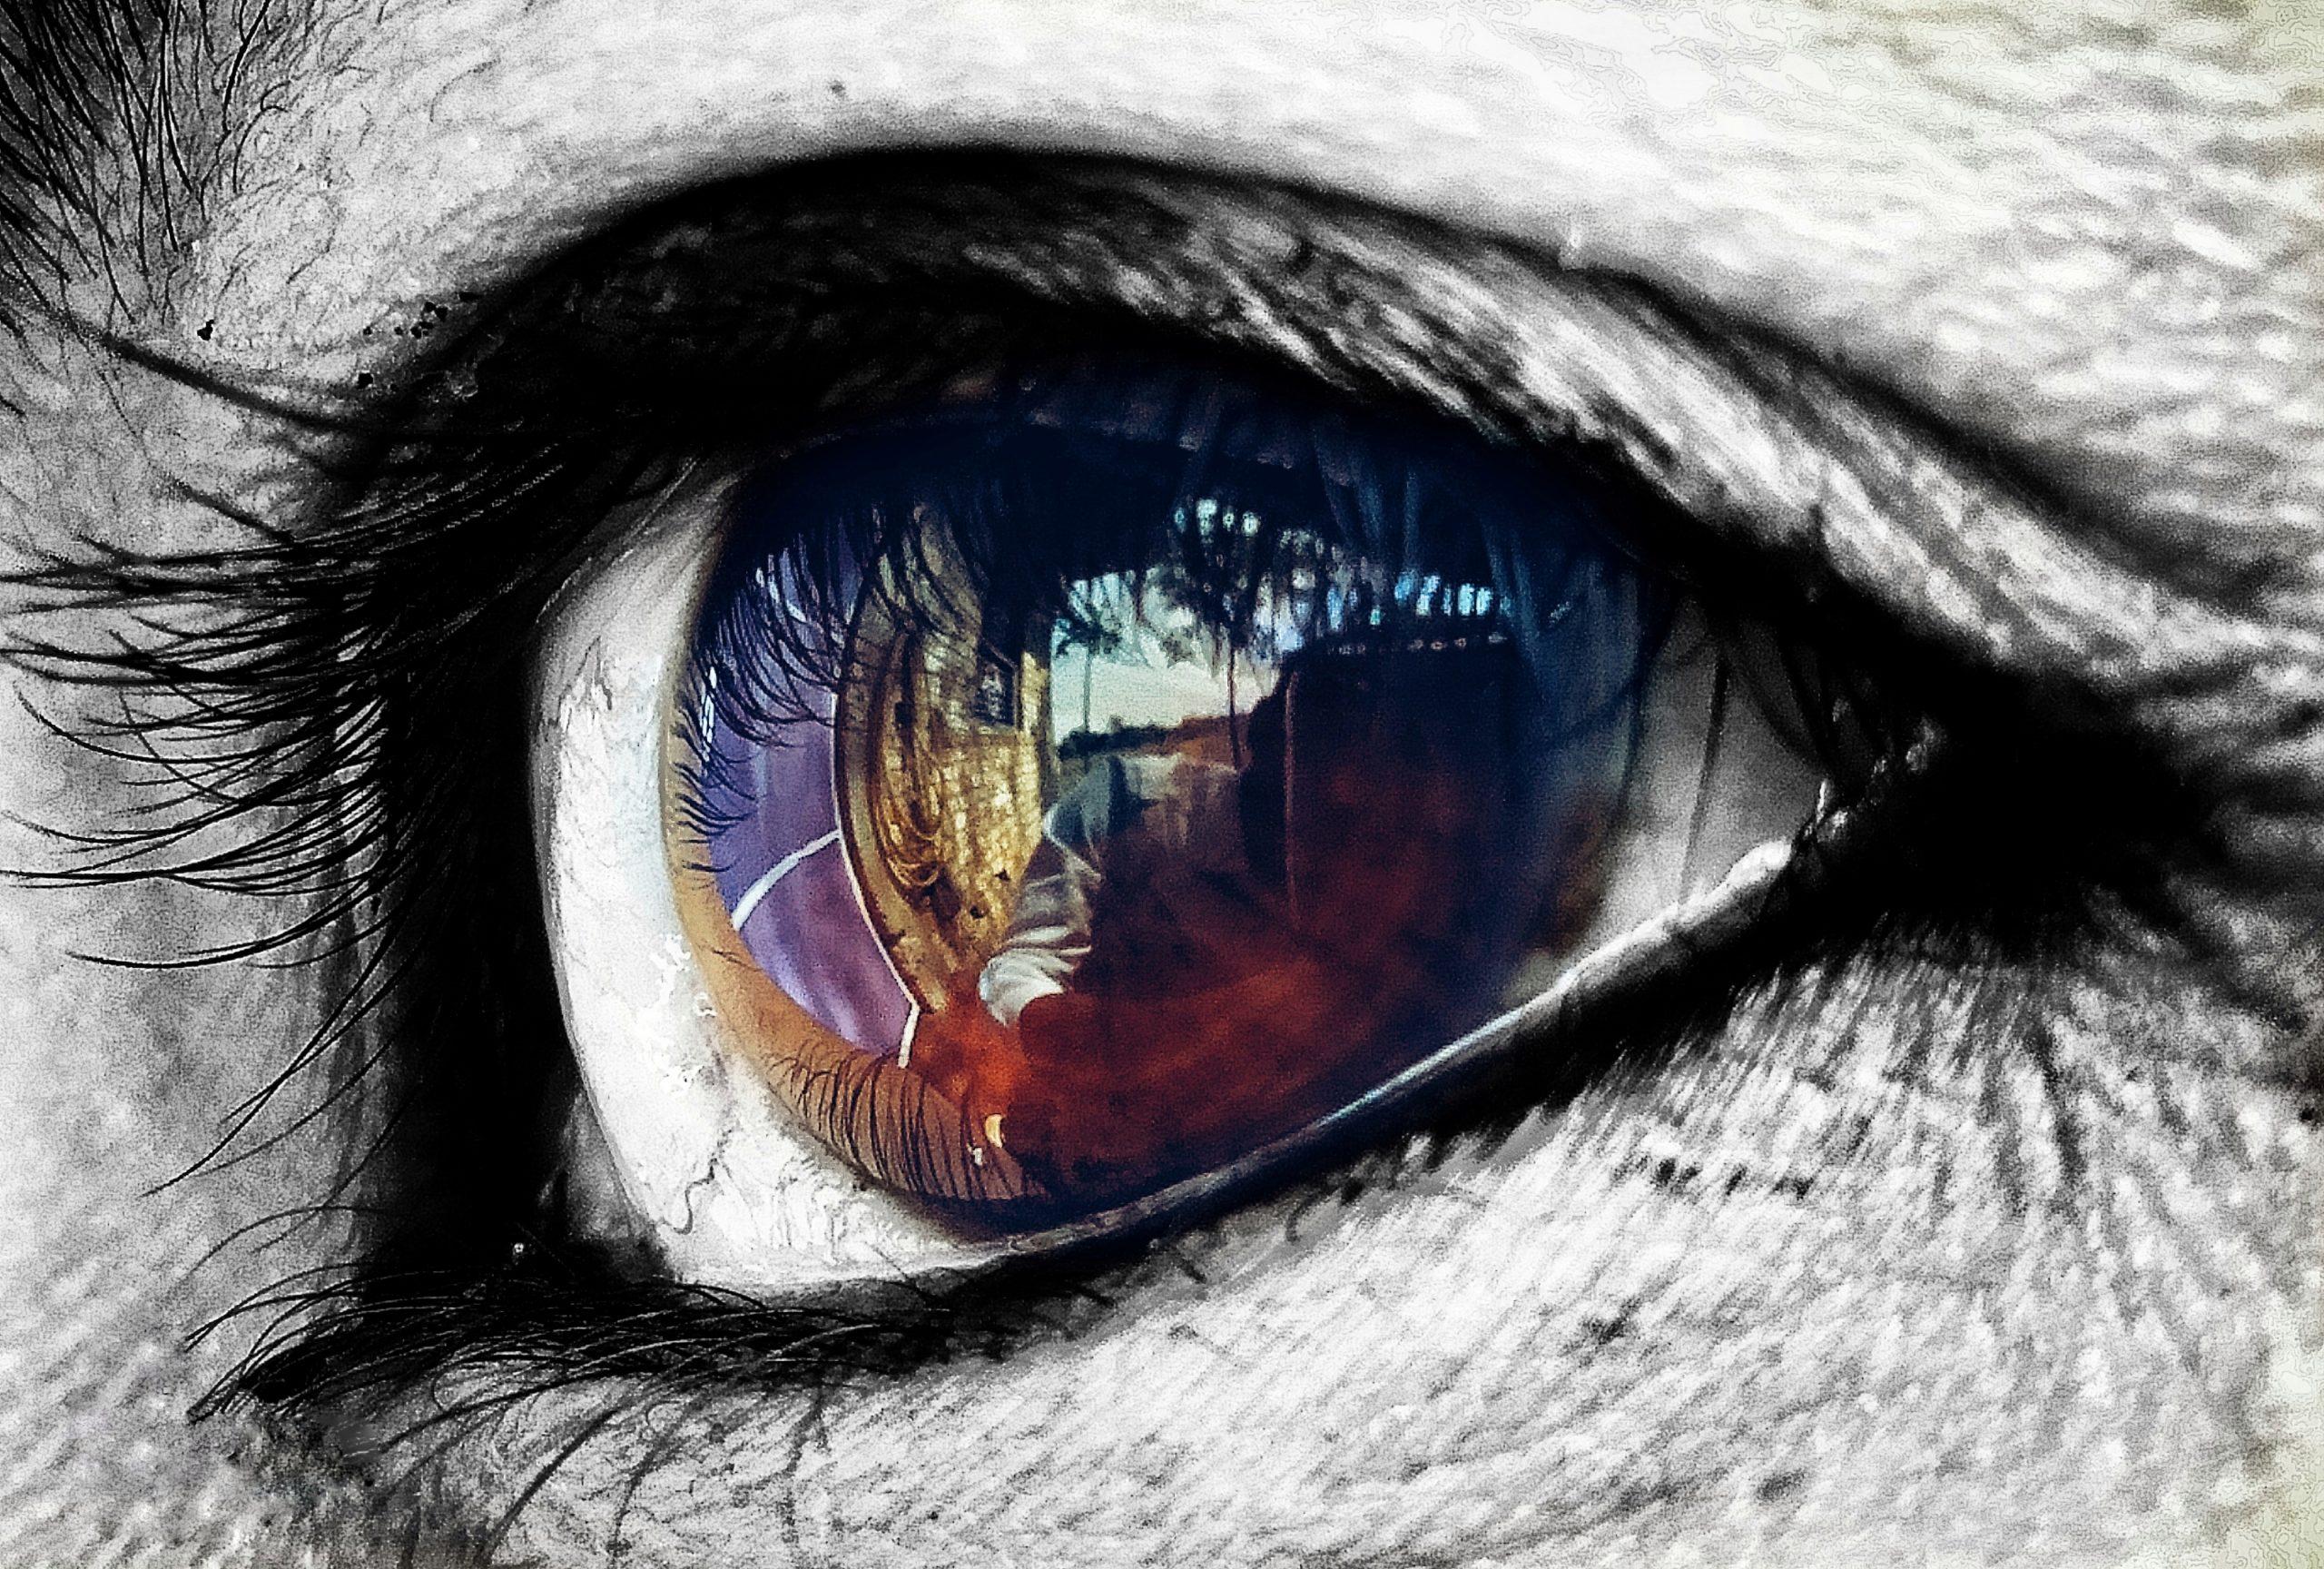 Eye on Focus